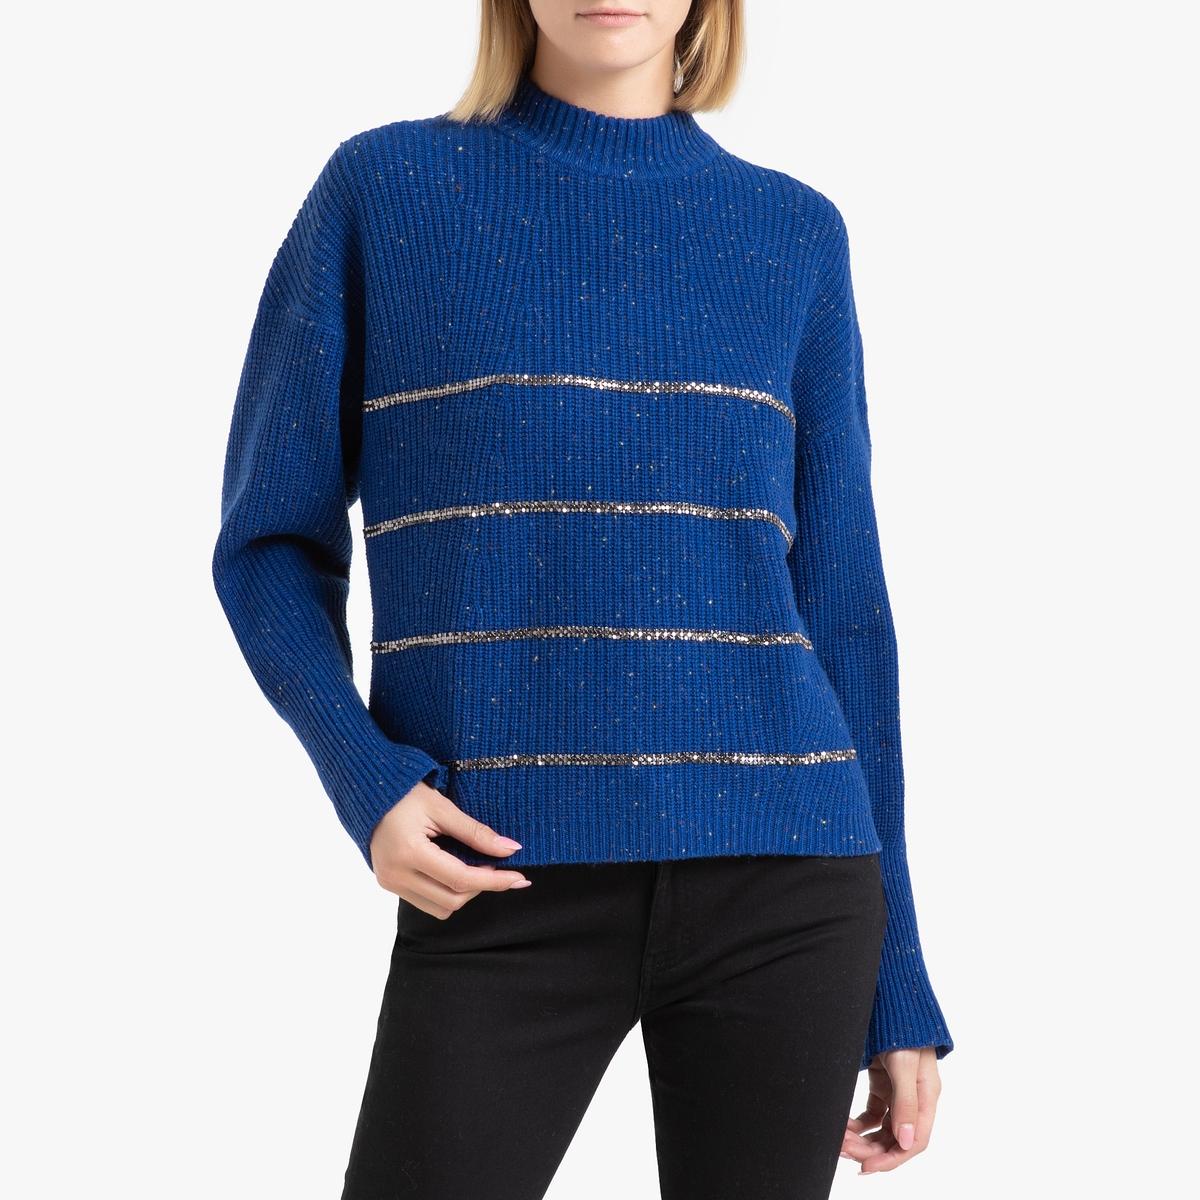 Пуловер La Redoute С воротником-стойкой из тонкого блестящего трикотажа 2(M) синий пуловер из блестящего трикотажа 3 12 лет